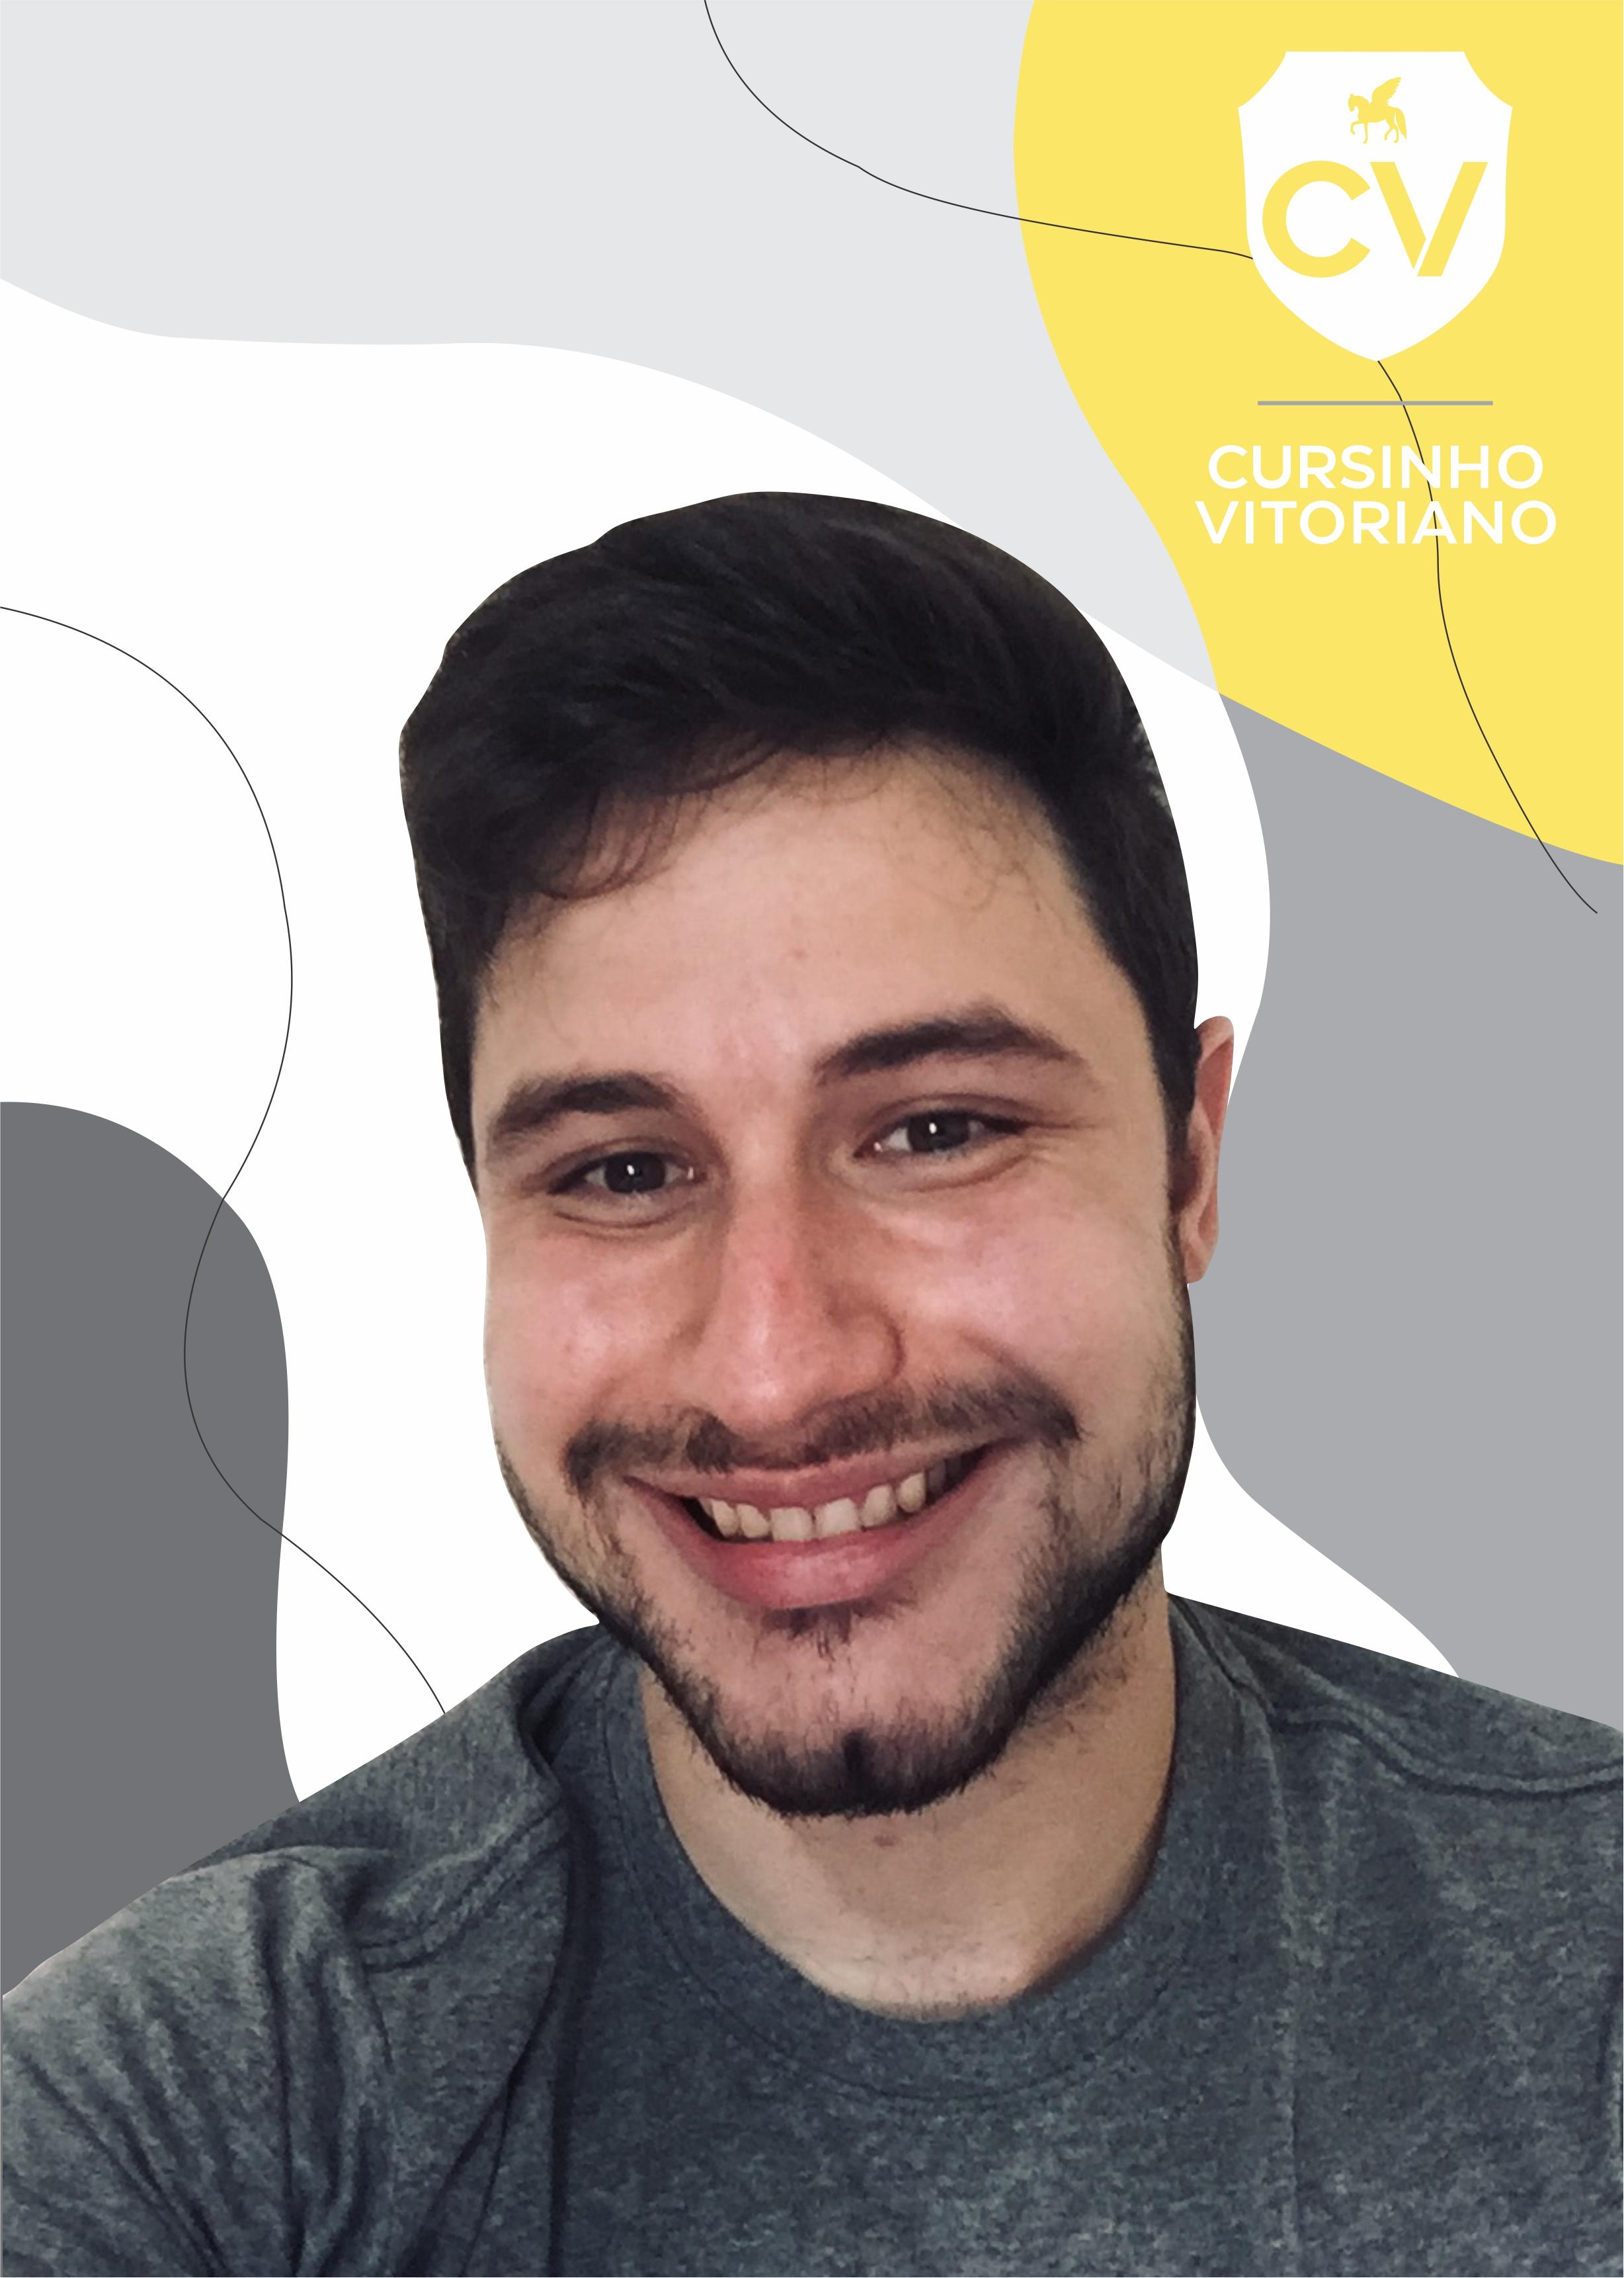 Diego Carlos De Souza Zanatto